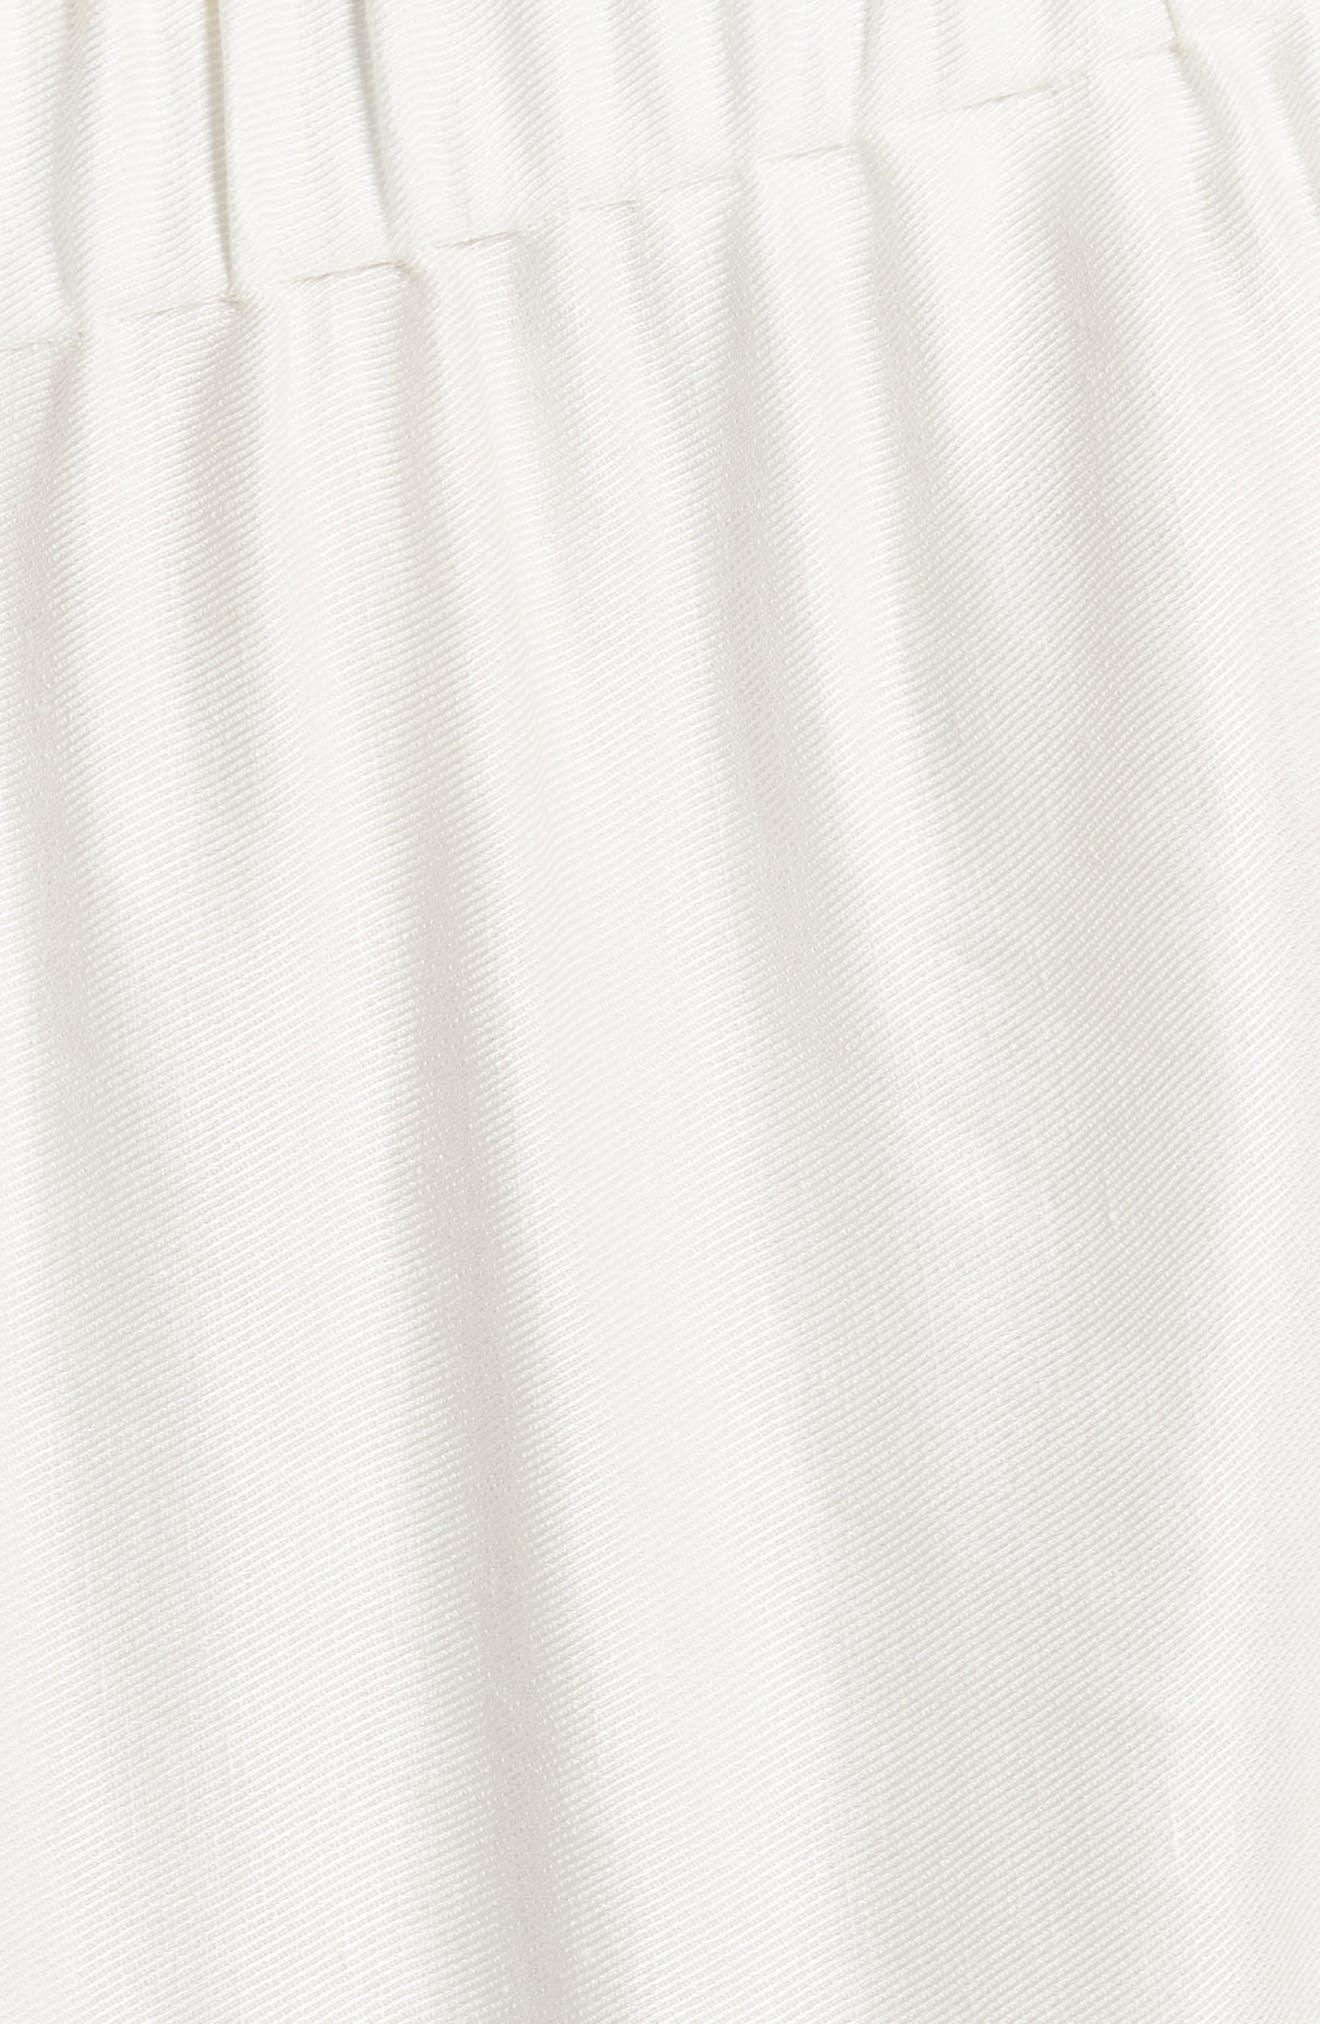 Ruched Drape Skirt,                             Alternate thumbnail 6, color,                             White Pepper